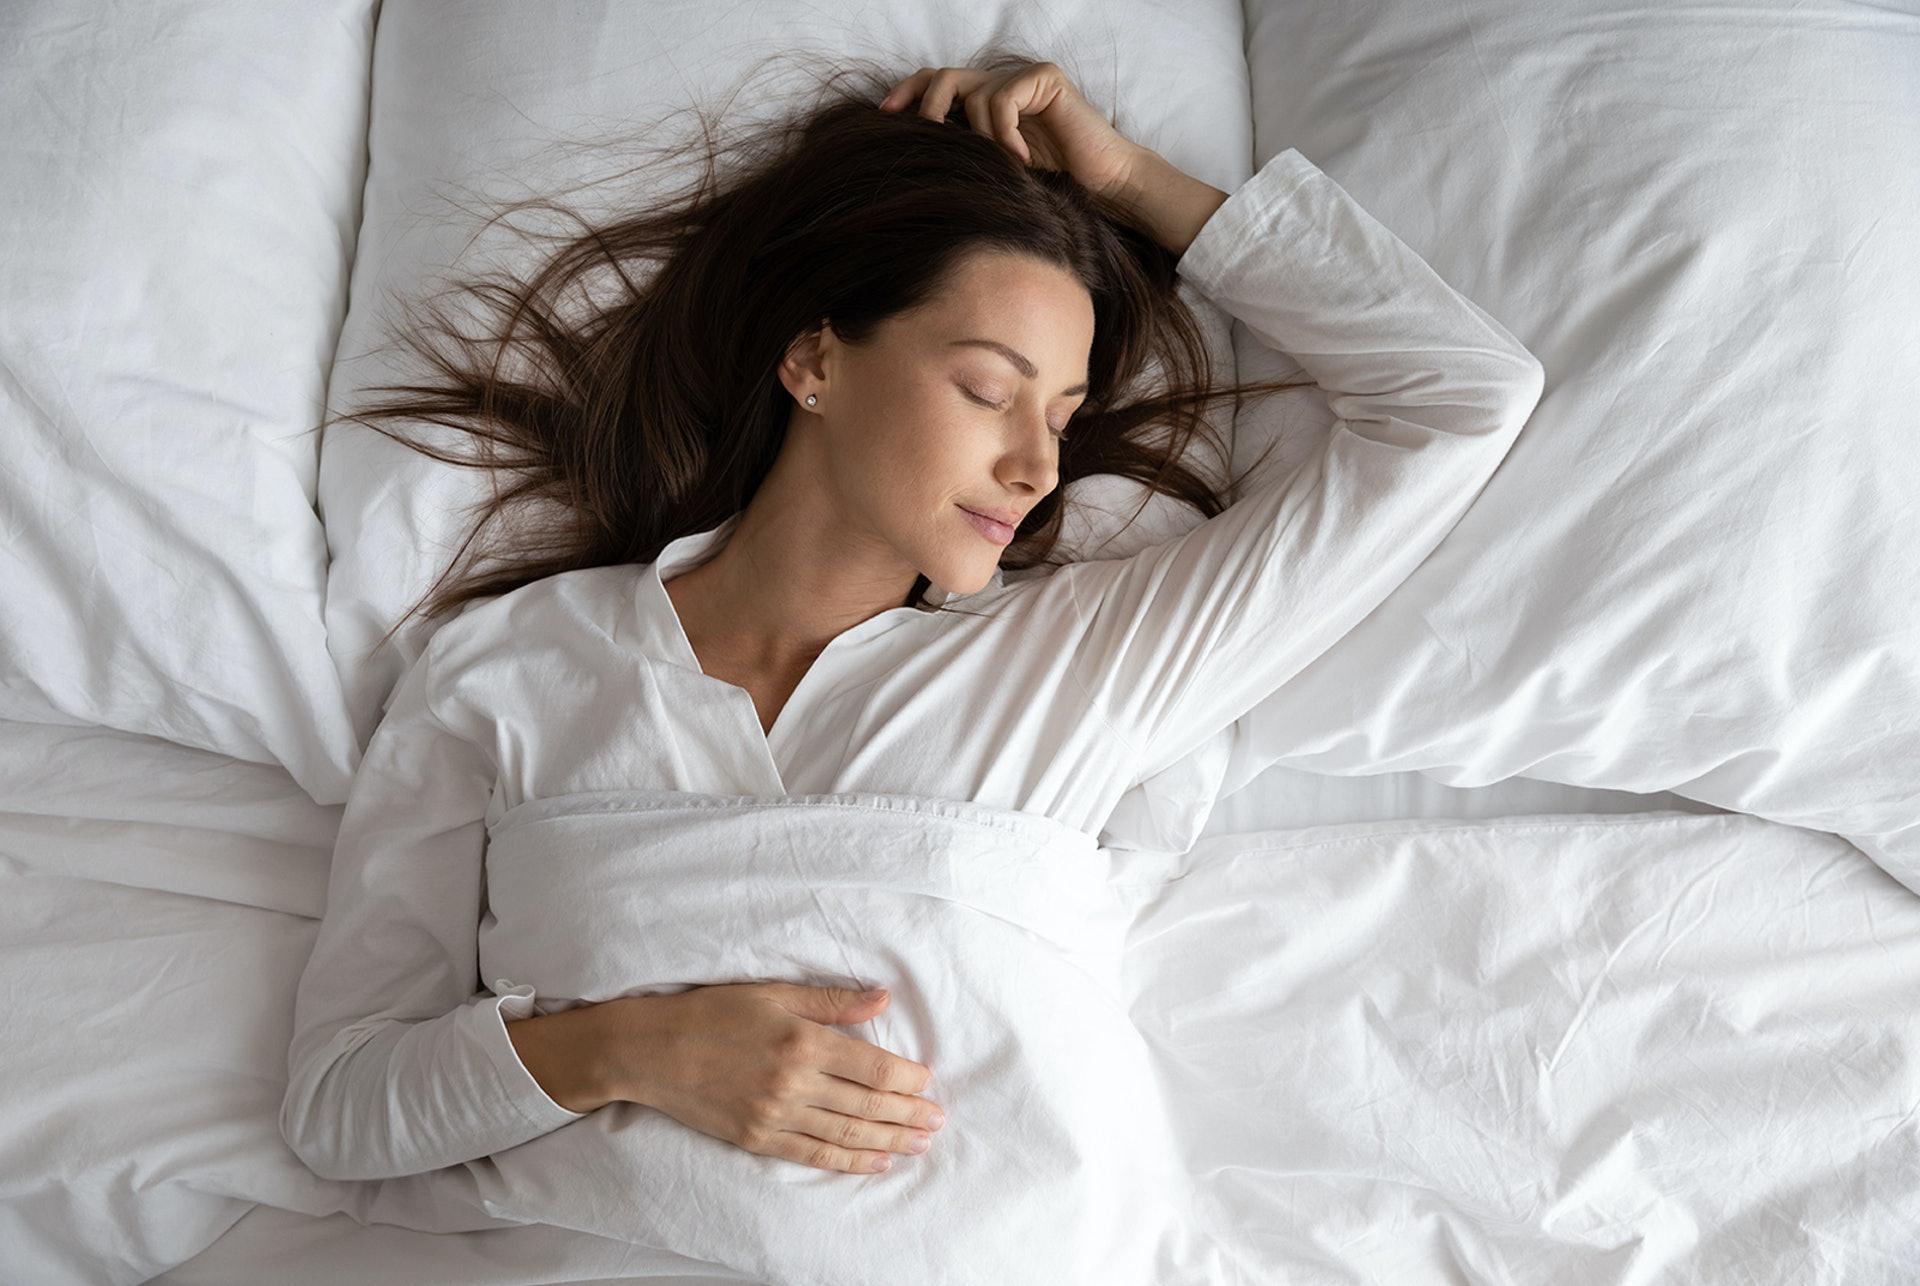 晚上11時至1時是陽氣最弱、陰氣最盛之時;在這個時段睡覺最能養陰,睡眠品質也最佳。 (圖片來源: Freepik)